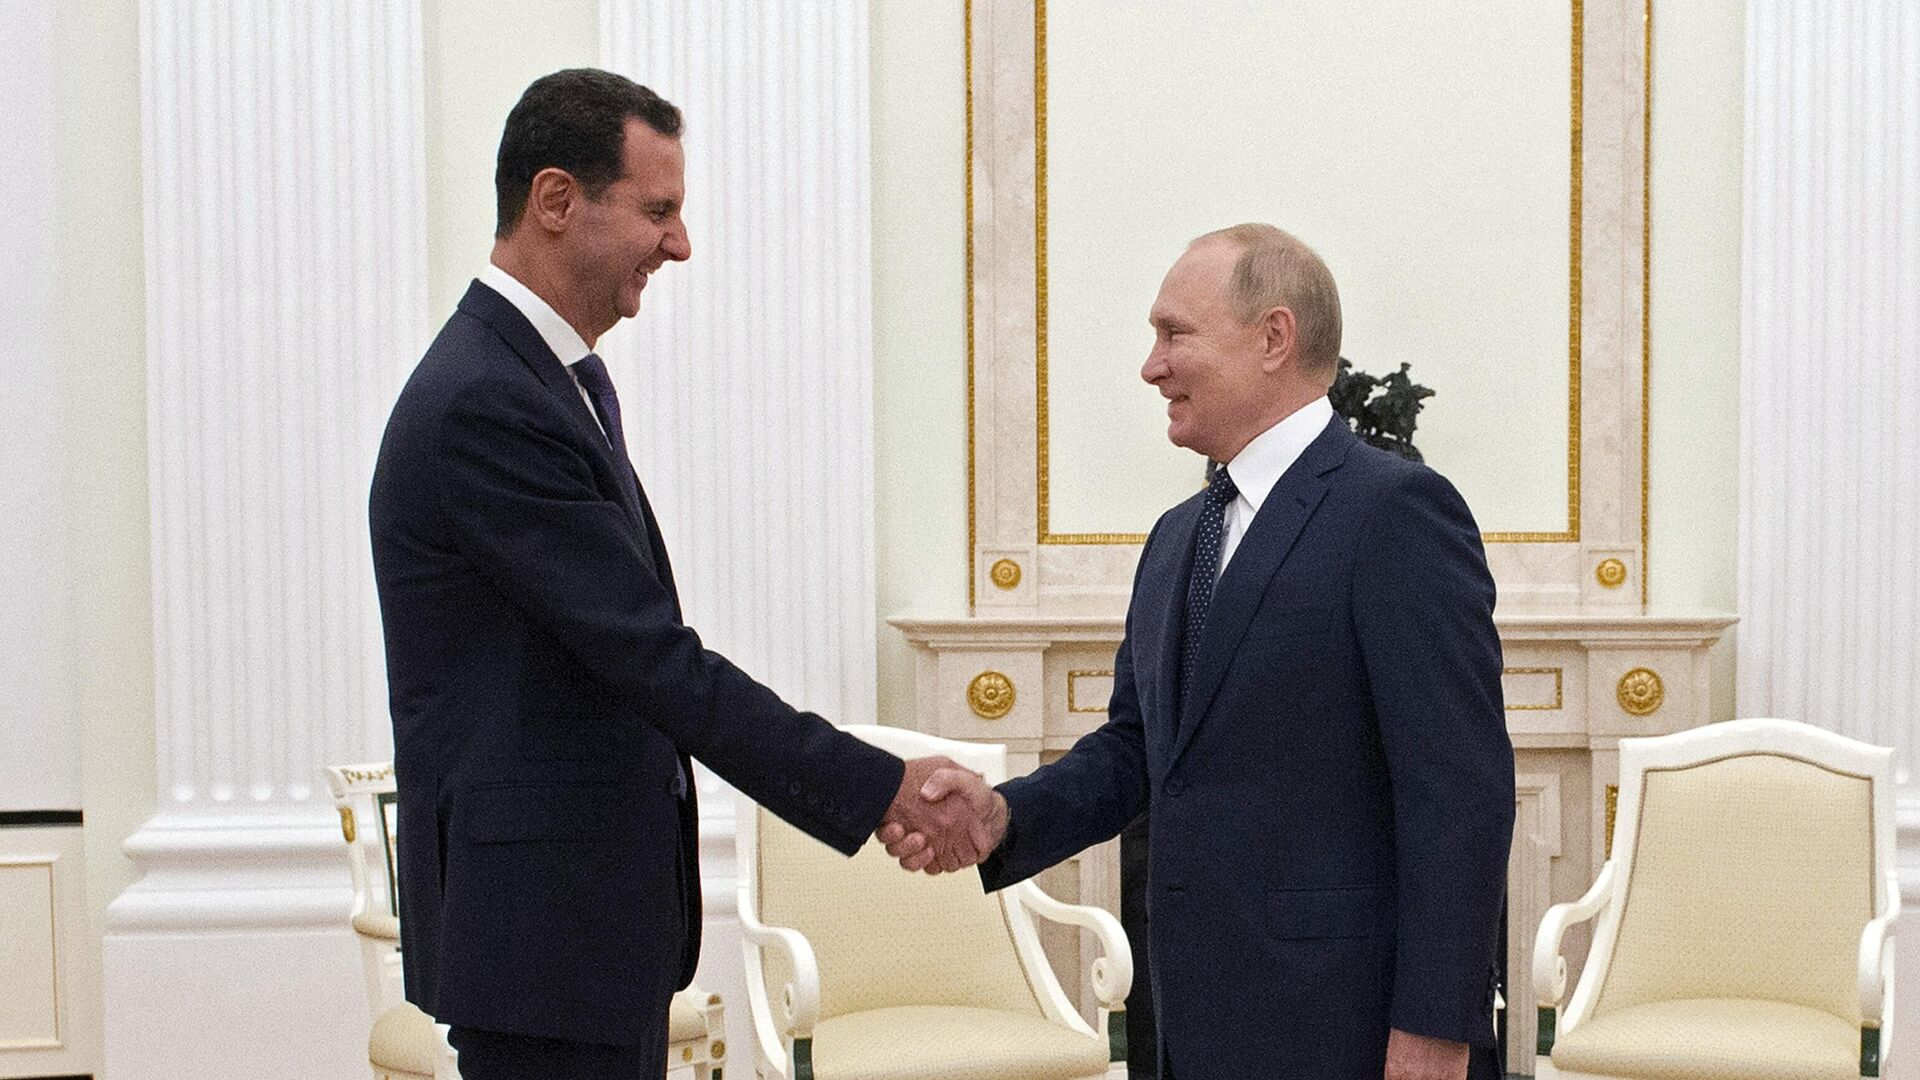 Президент РФ Владимир Путин и президент Сирии Башар Асад во время встречи в Москве - РИА Новости, 1920, 15.09.2021